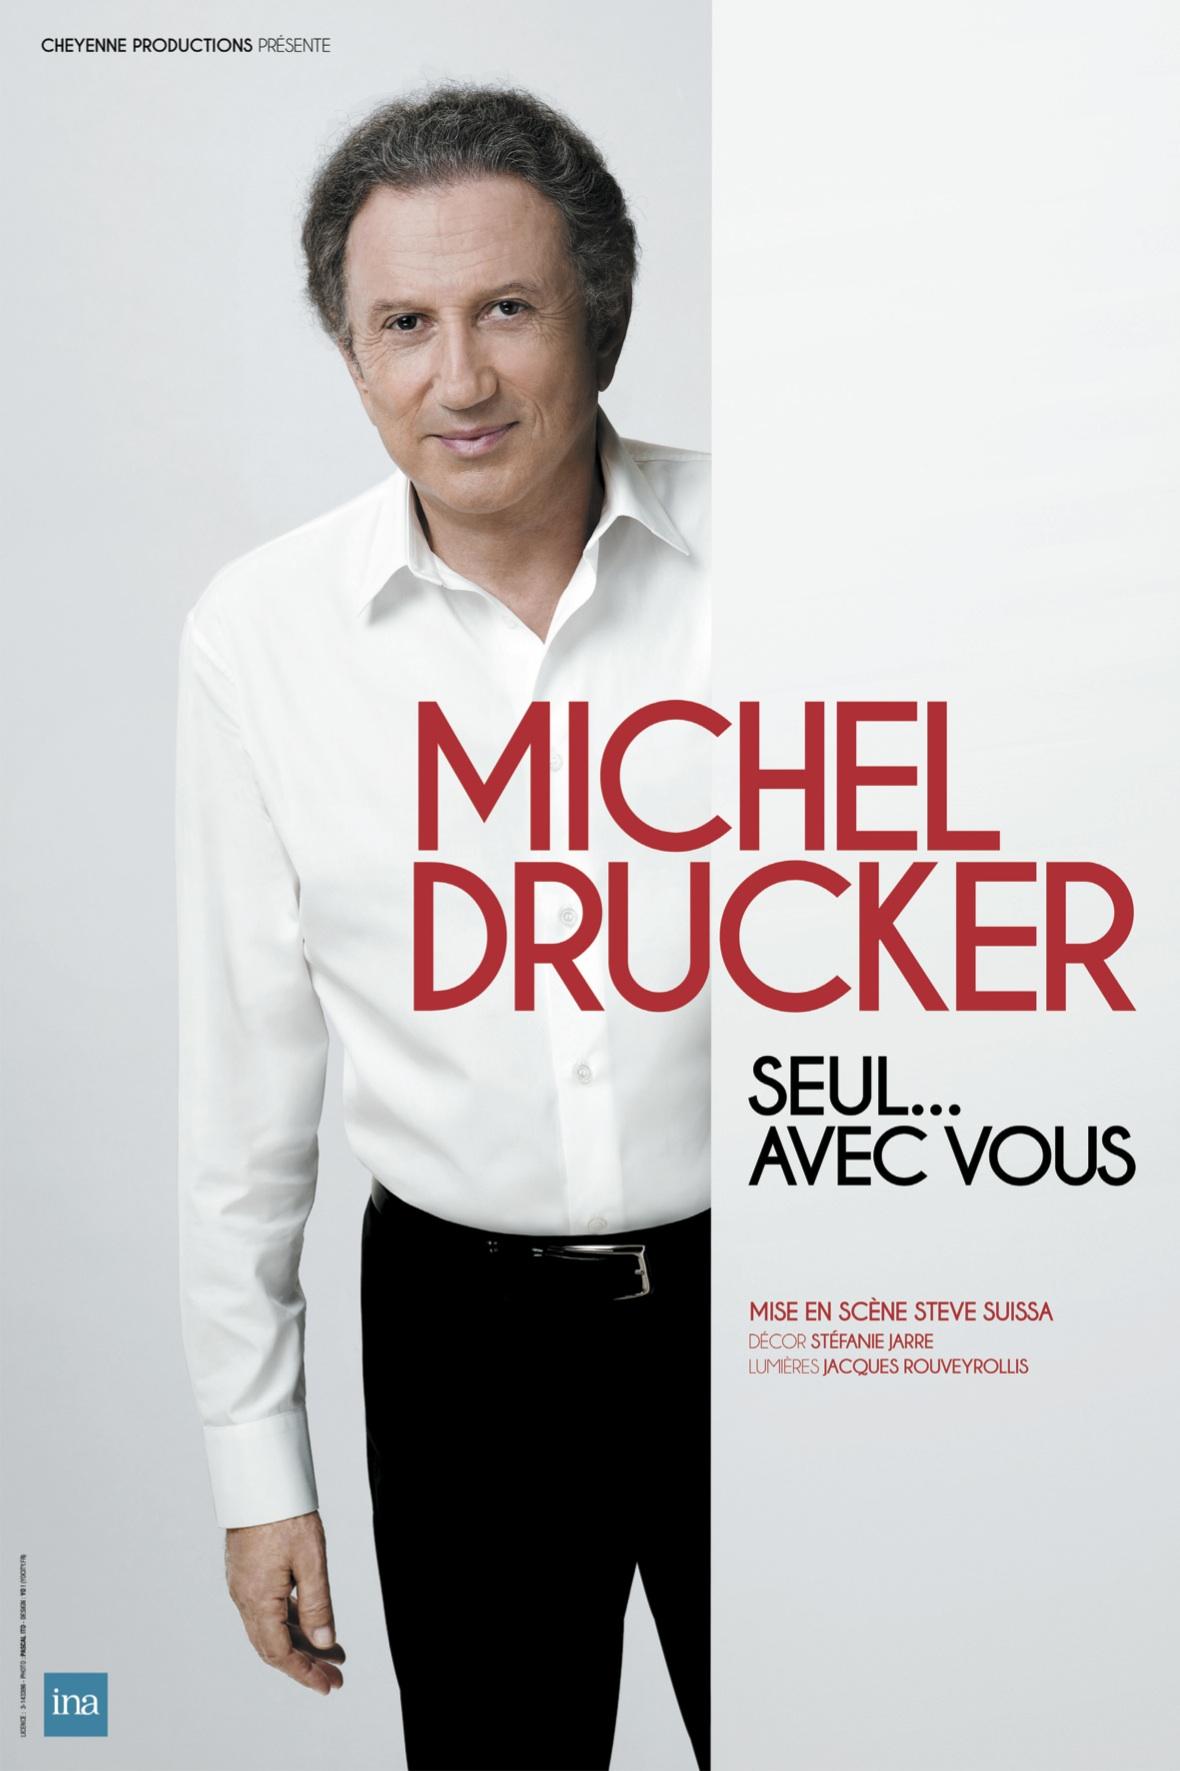 MICHEL DRUCKER : SEUL... AVEC VOUS